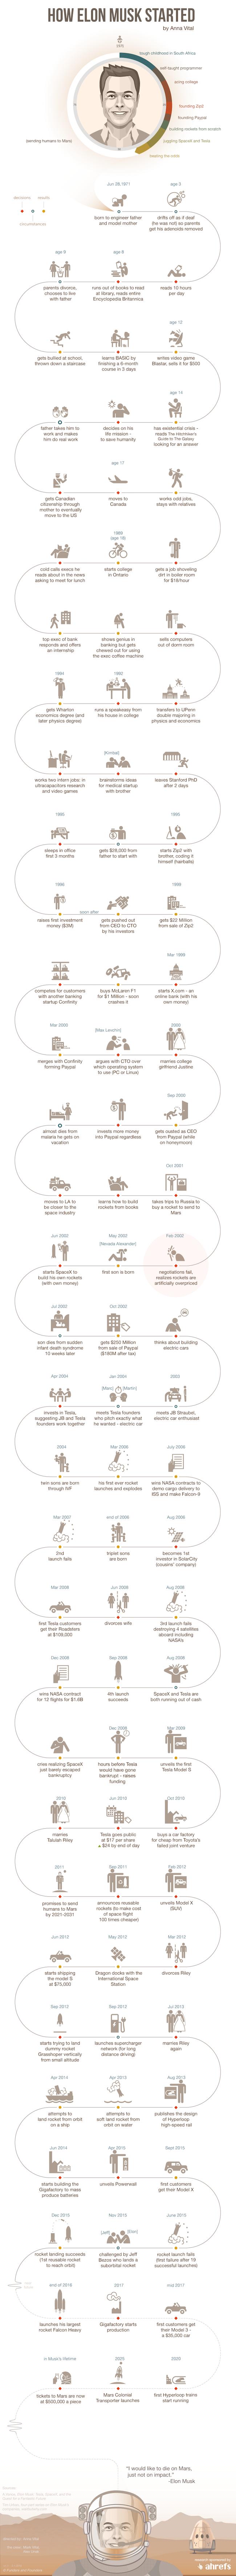 elon-musk-funders-founders